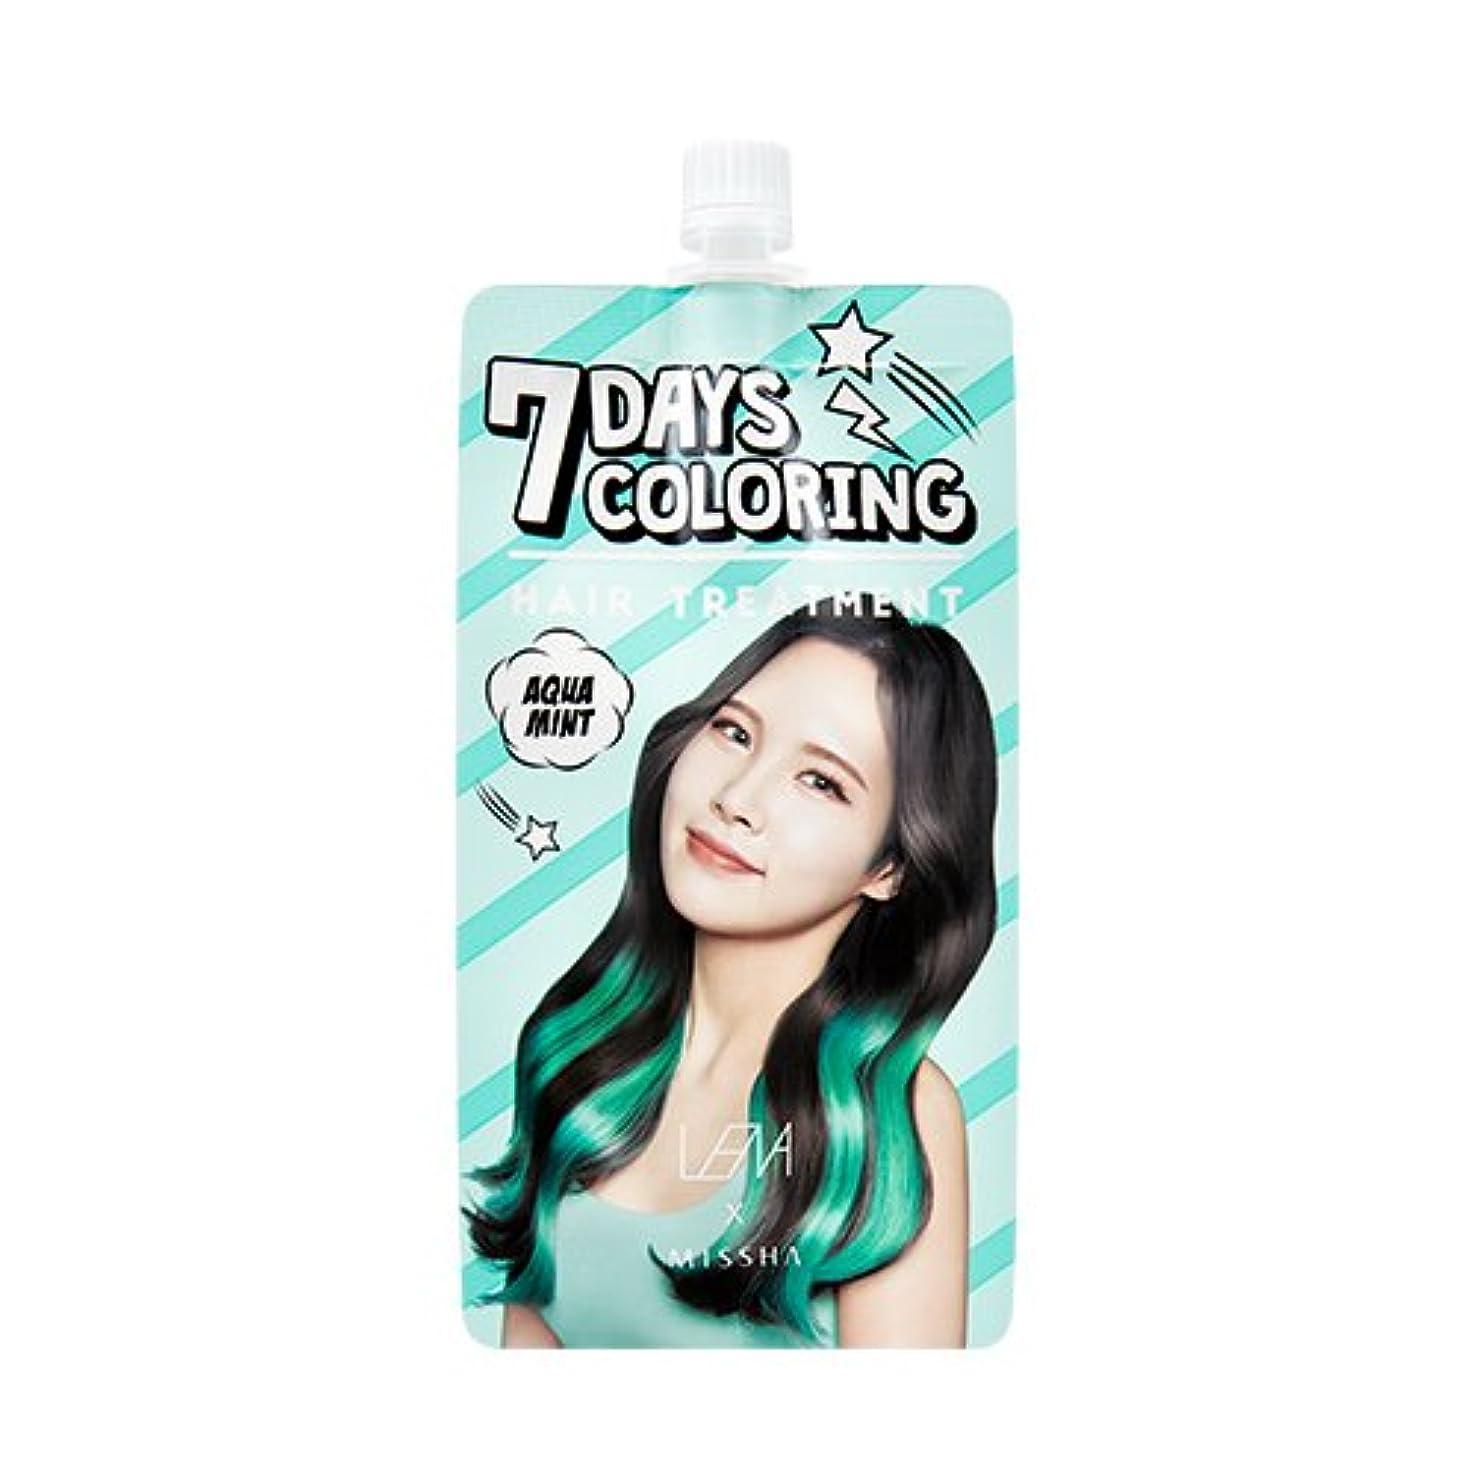 彼バース馬力MISSHA Seven Days Coloring Hair Treatment #Aquamint -LENA Edition /ミシャ セブンデイズカラーリングヘアトリートメント - レナエディション (アクアミント) [並行輸入品]